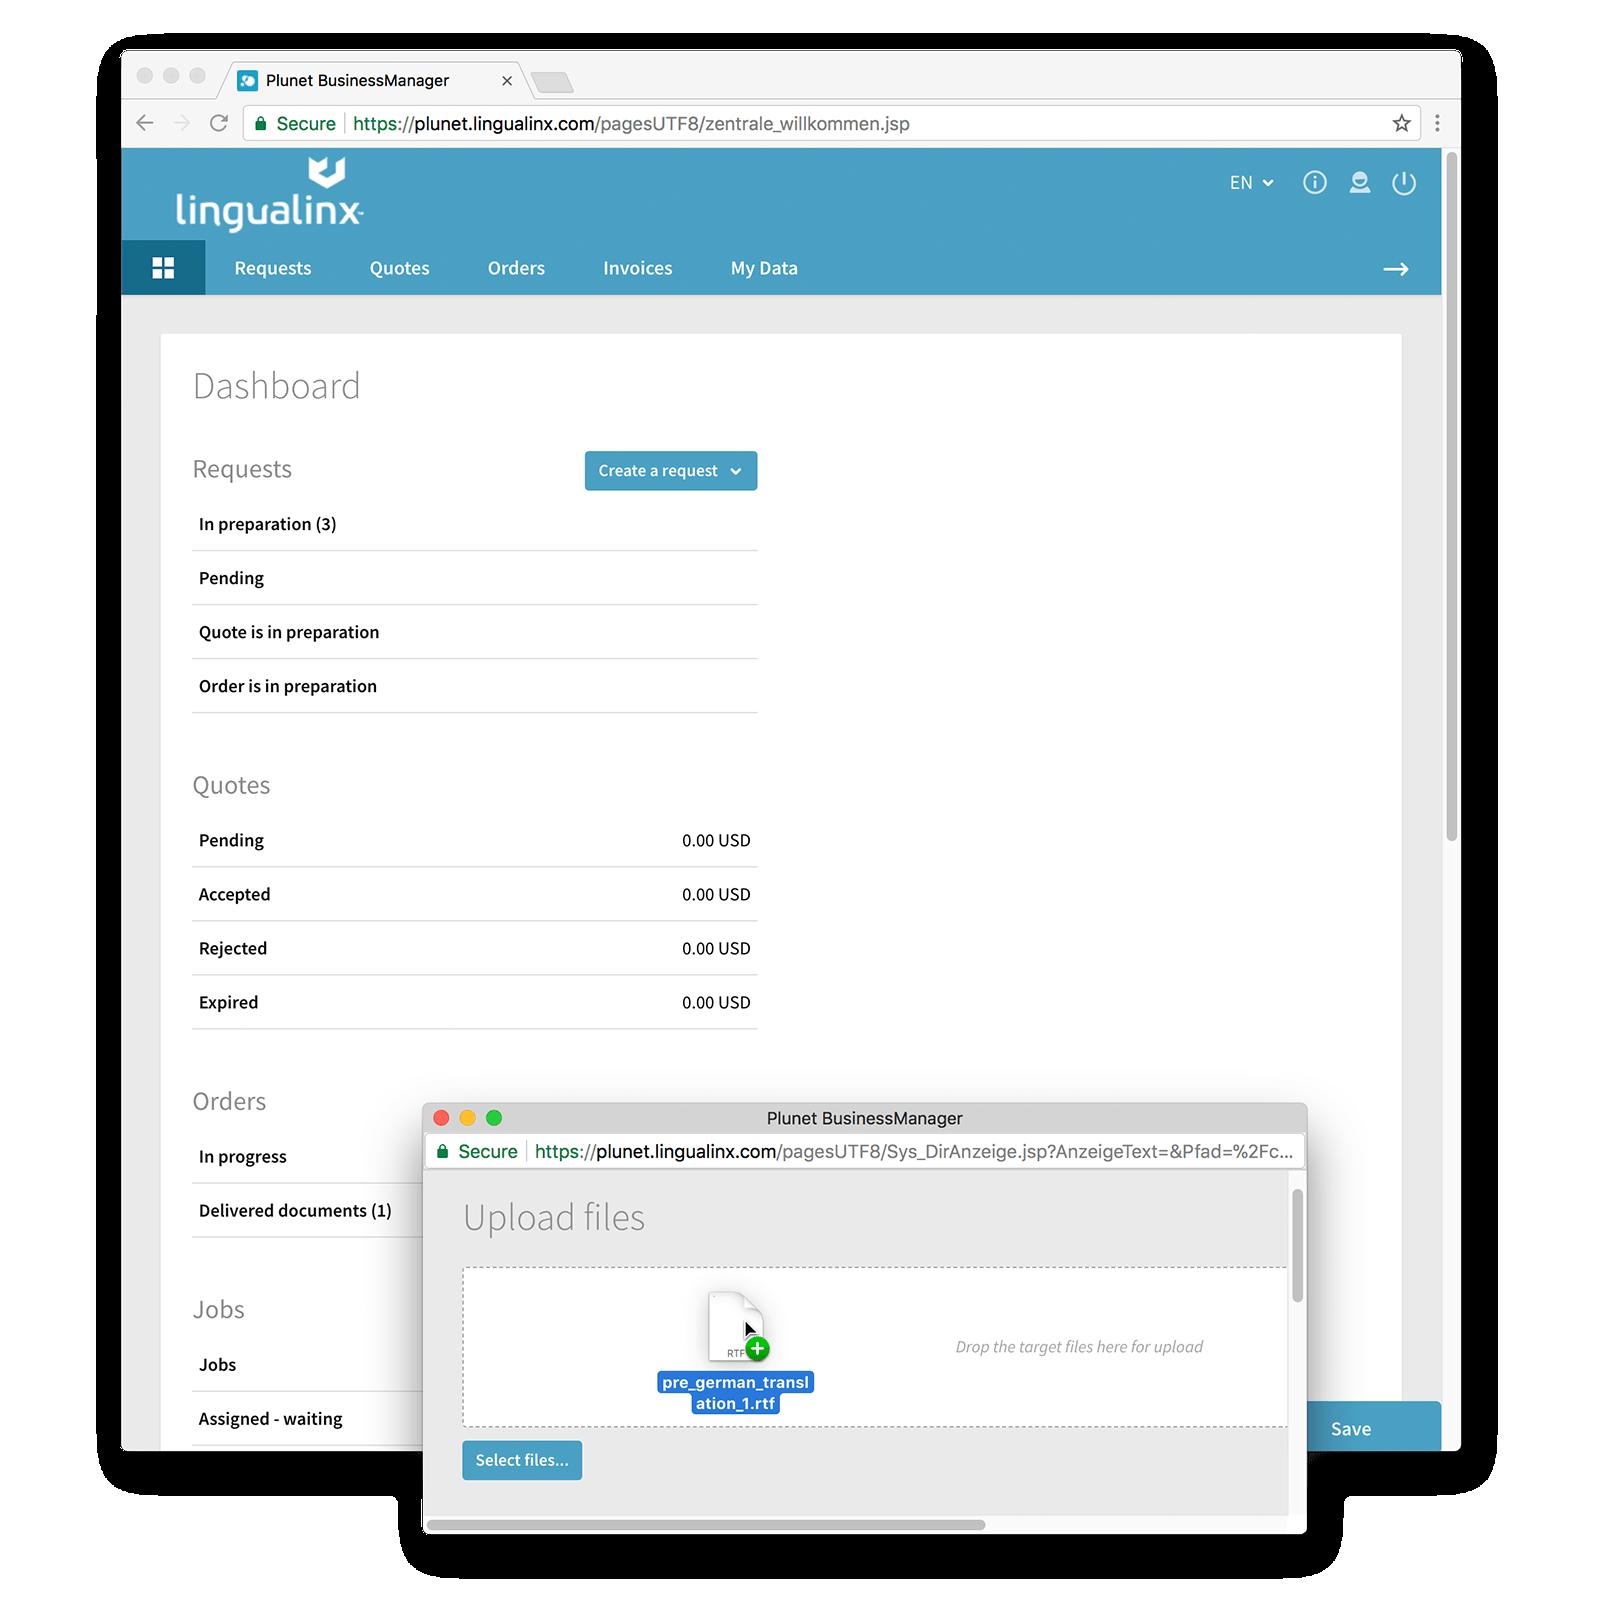 lingualinx portal screenshot